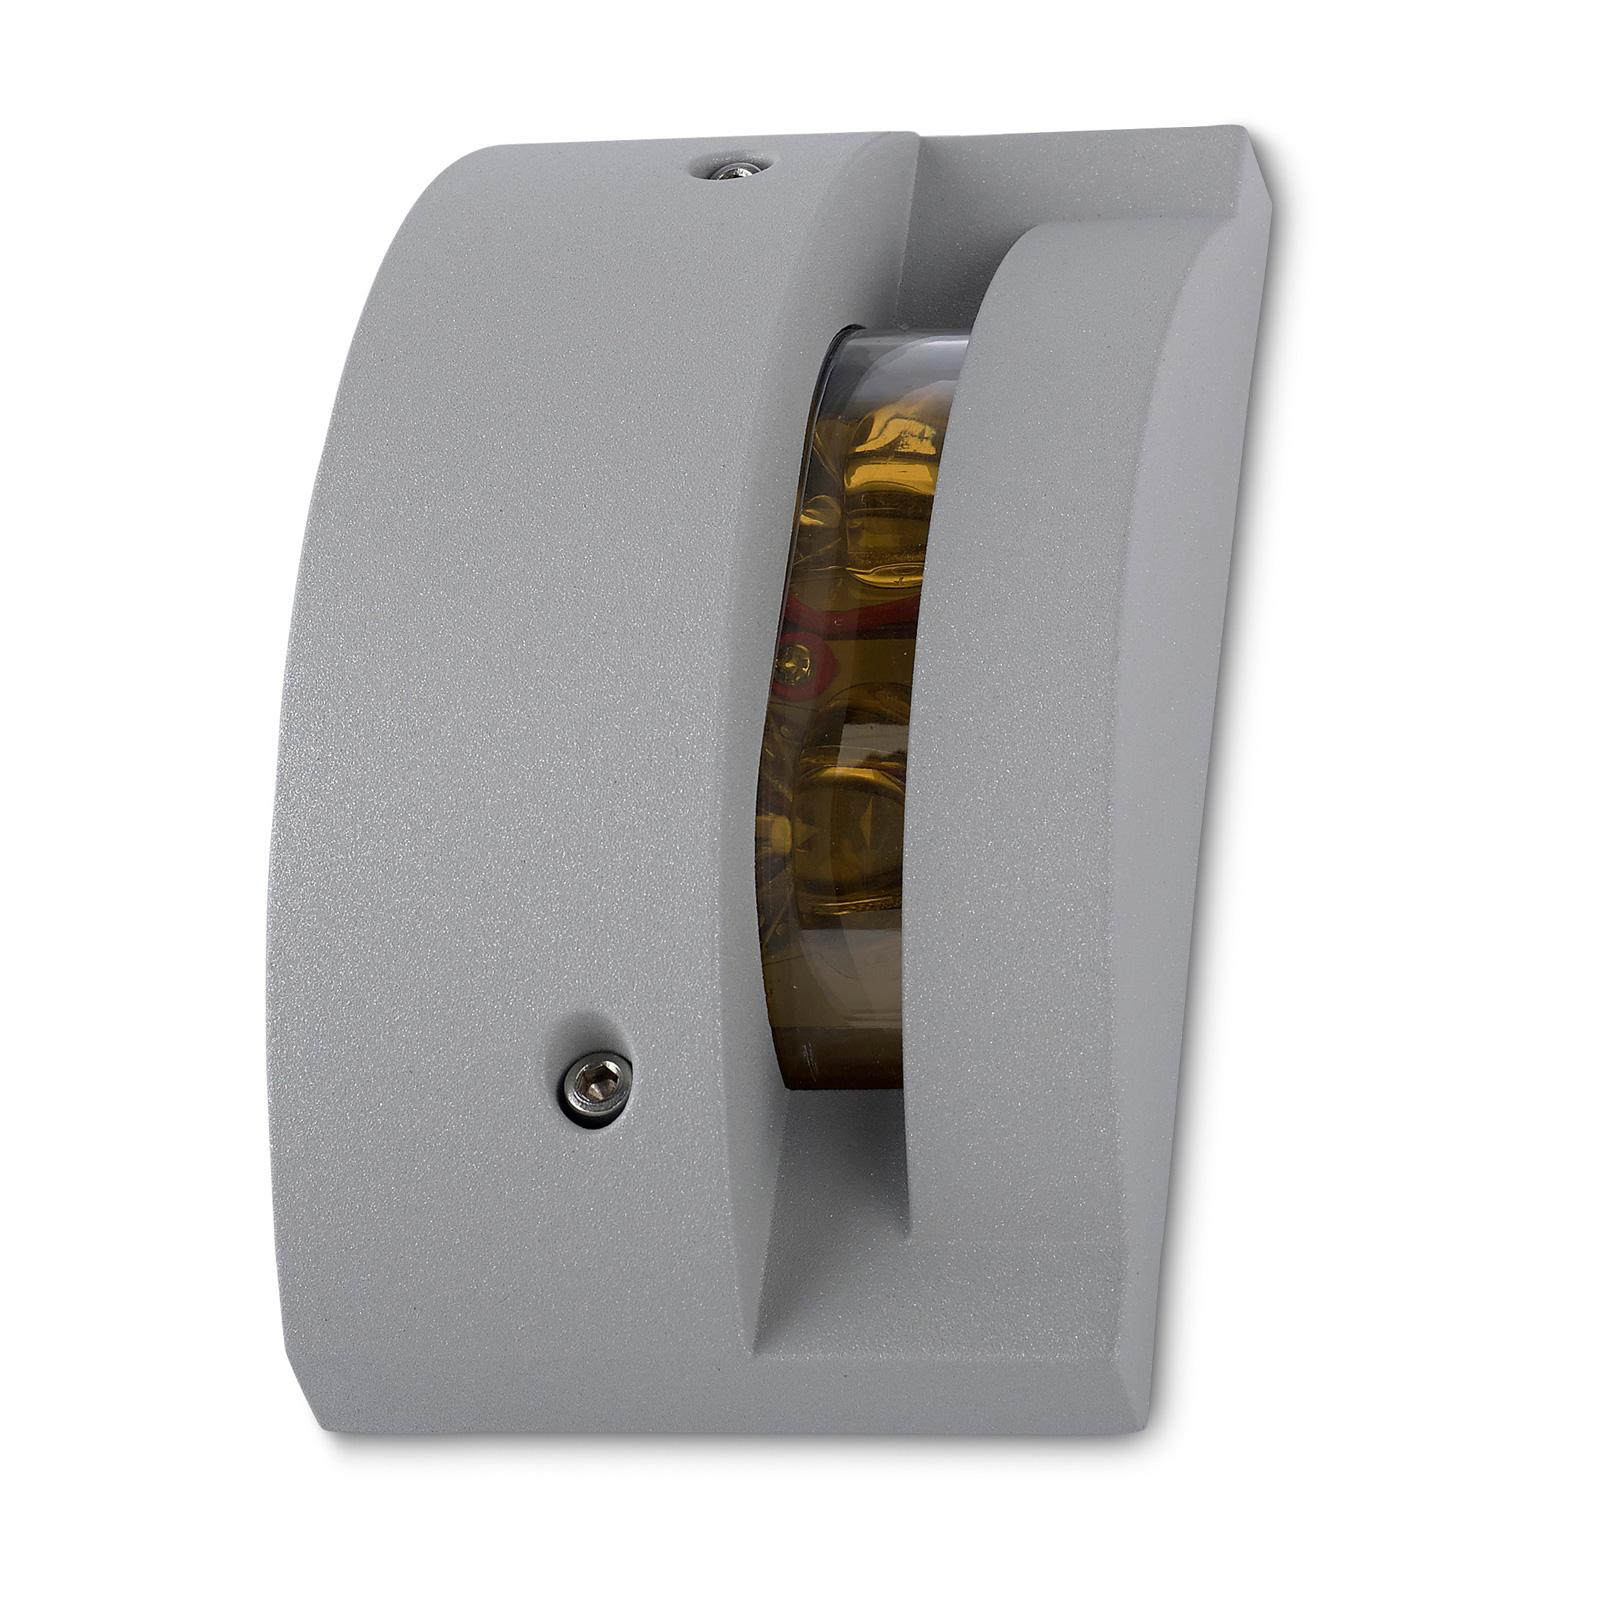 LEDS-C4 Finestra LED-væglampe med 3 farvefiltre